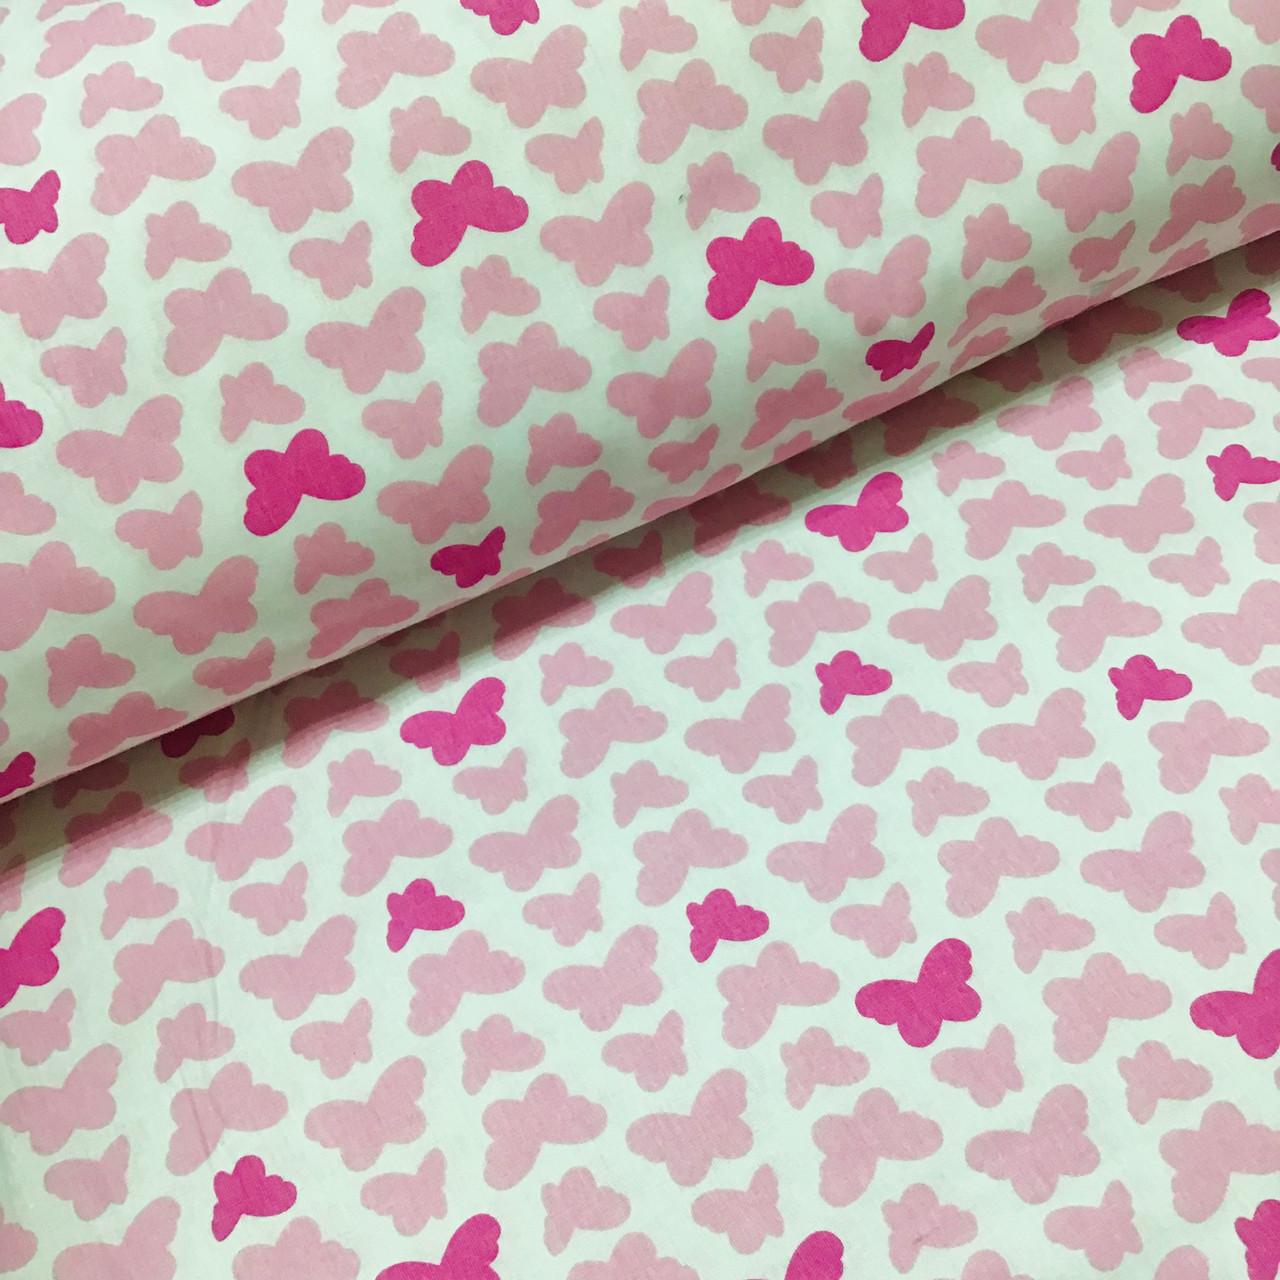 Ткань польская хлопковая, бабочки розовые на белом